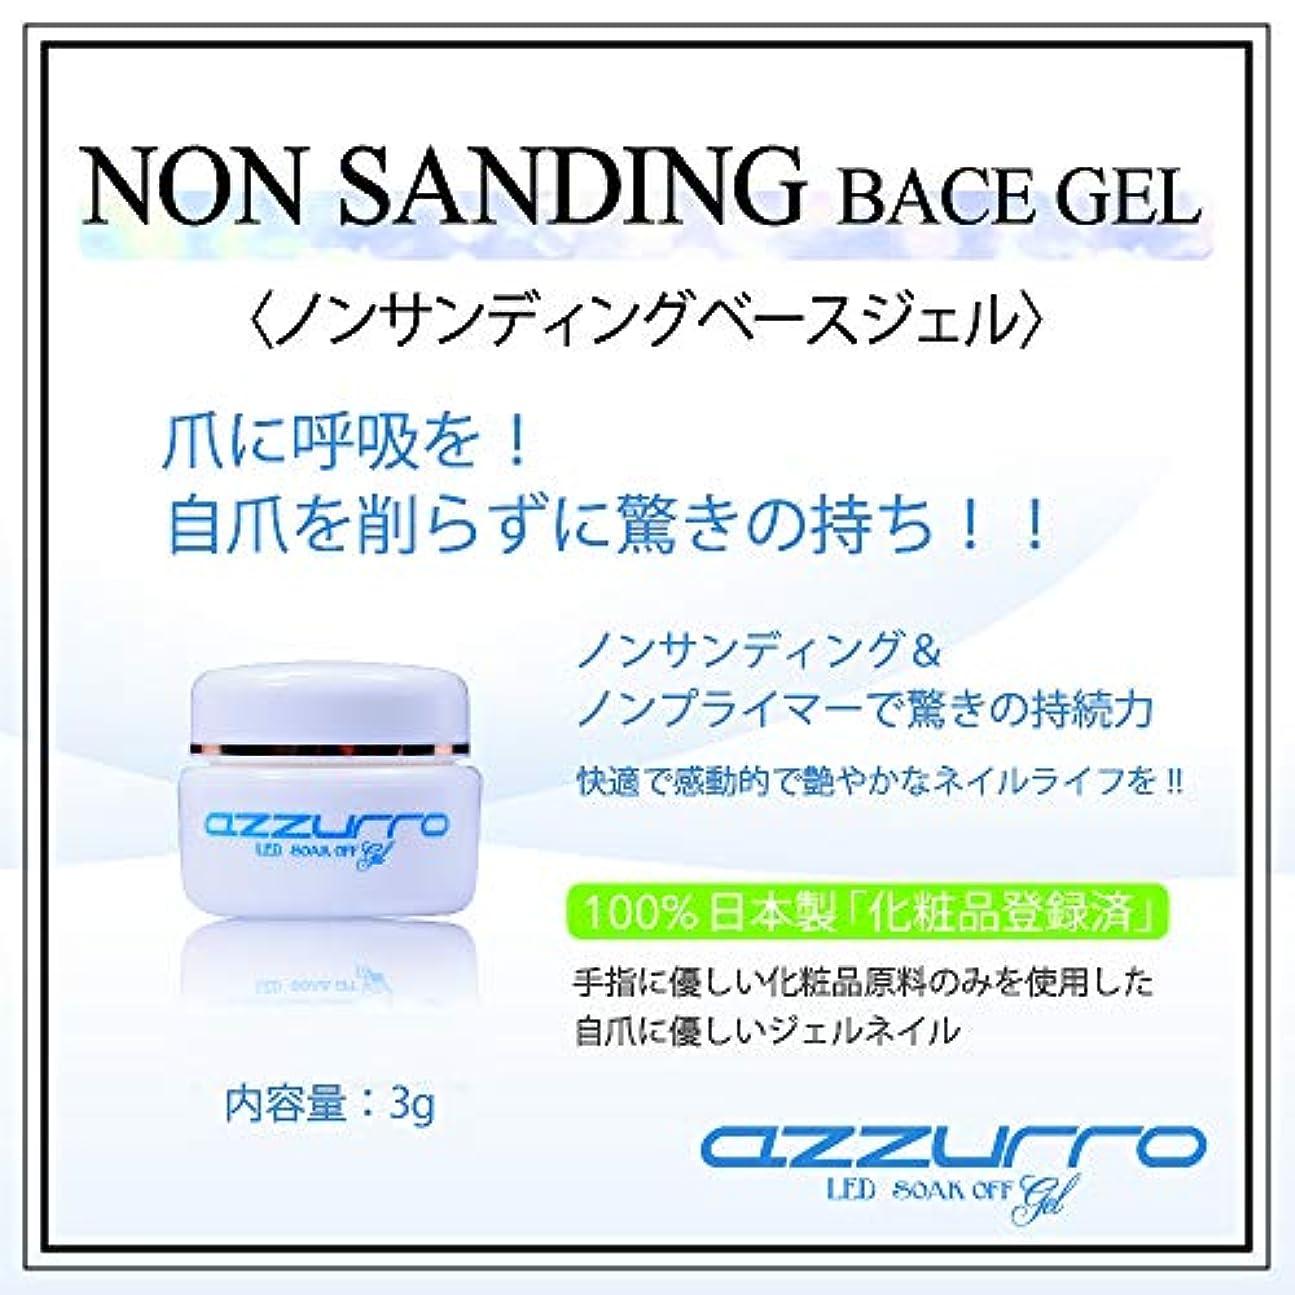 皿リーガン蒸留azzurro gel アッズーロ ノンサンディング ベースジェル 削らないのに抜群の密着力 リムーバーでオフも簡単 3g